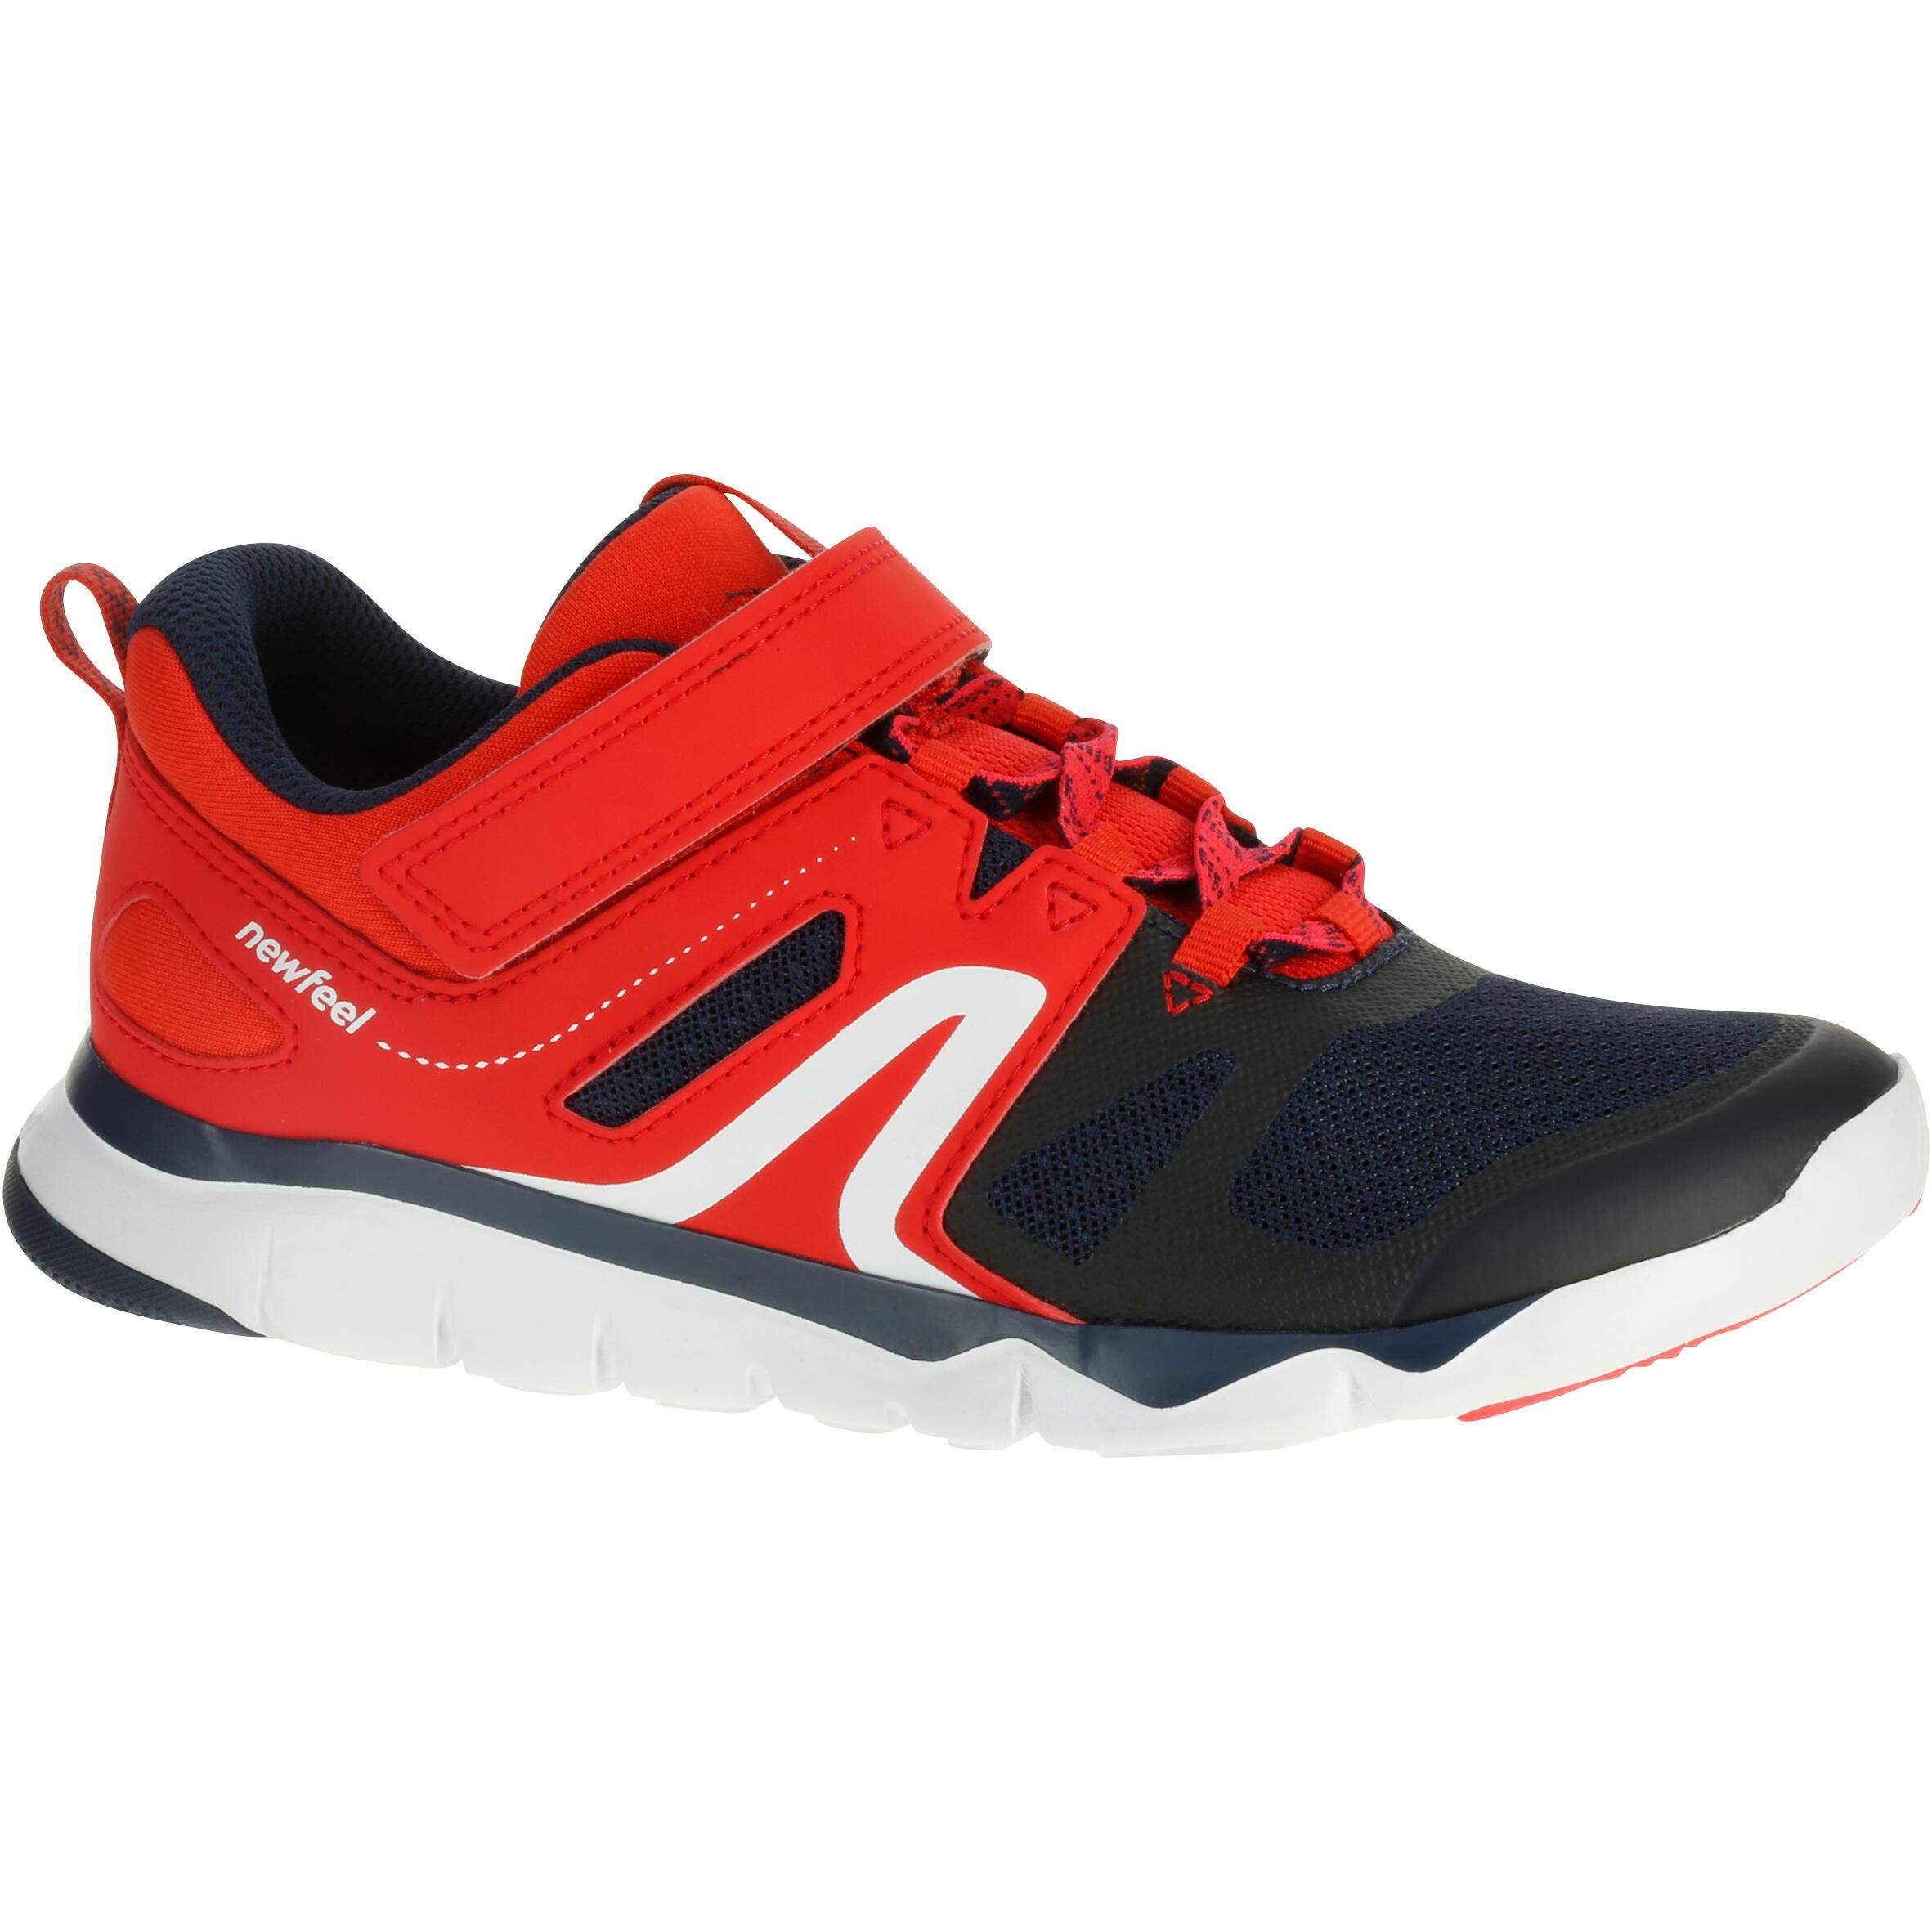 PW 540 Kids' Walking Shoes NEWFEEL